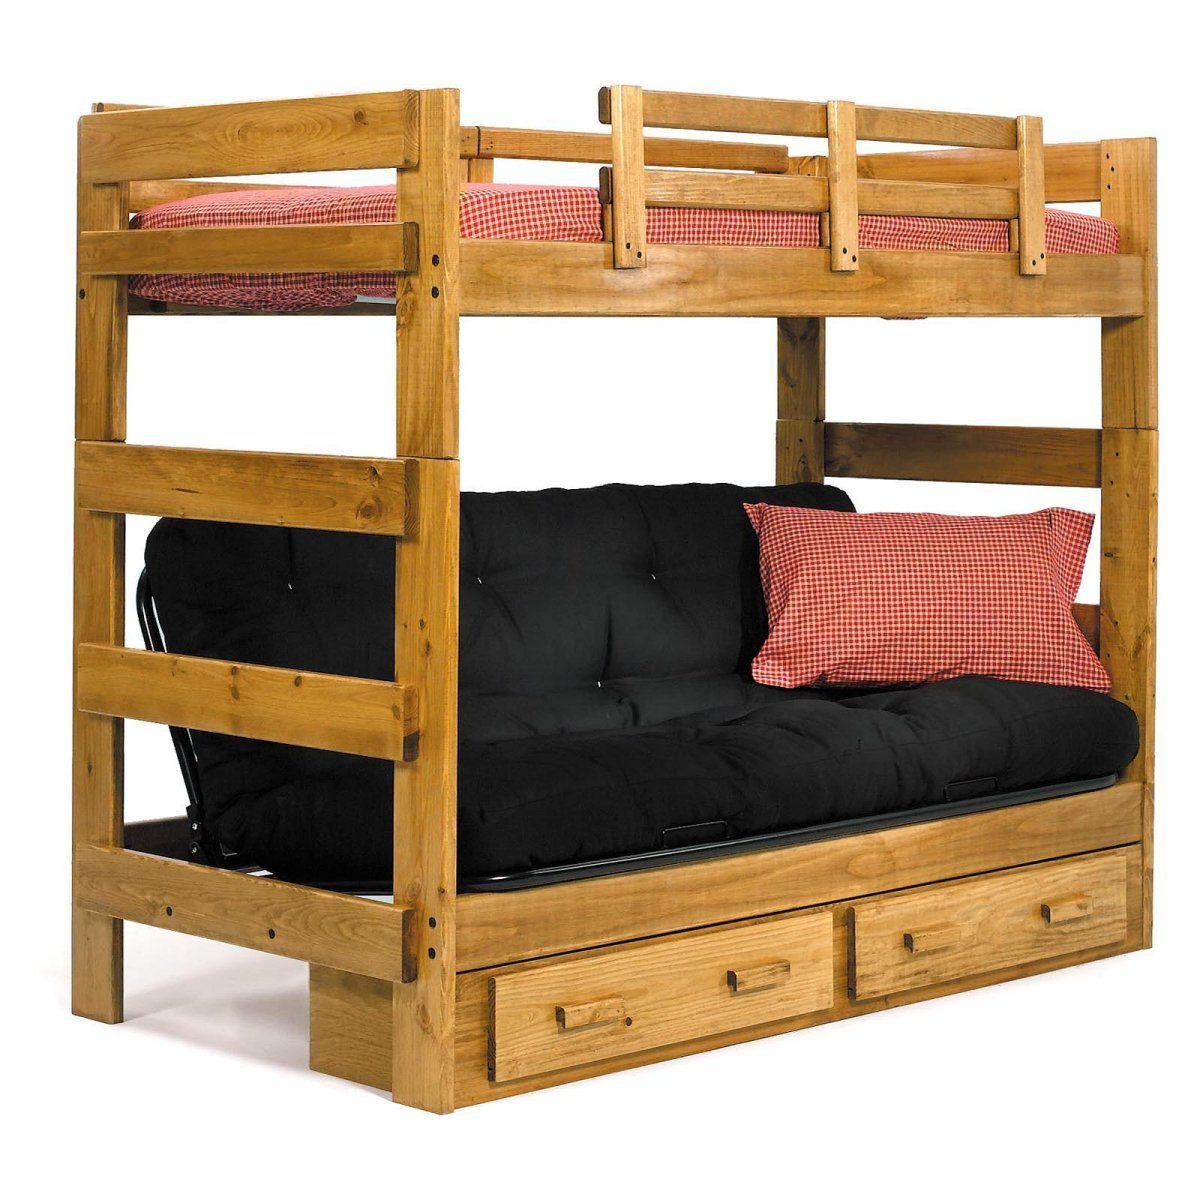 Savannah Twin over Futon Bunk Bed Wood bunk beds, Futon